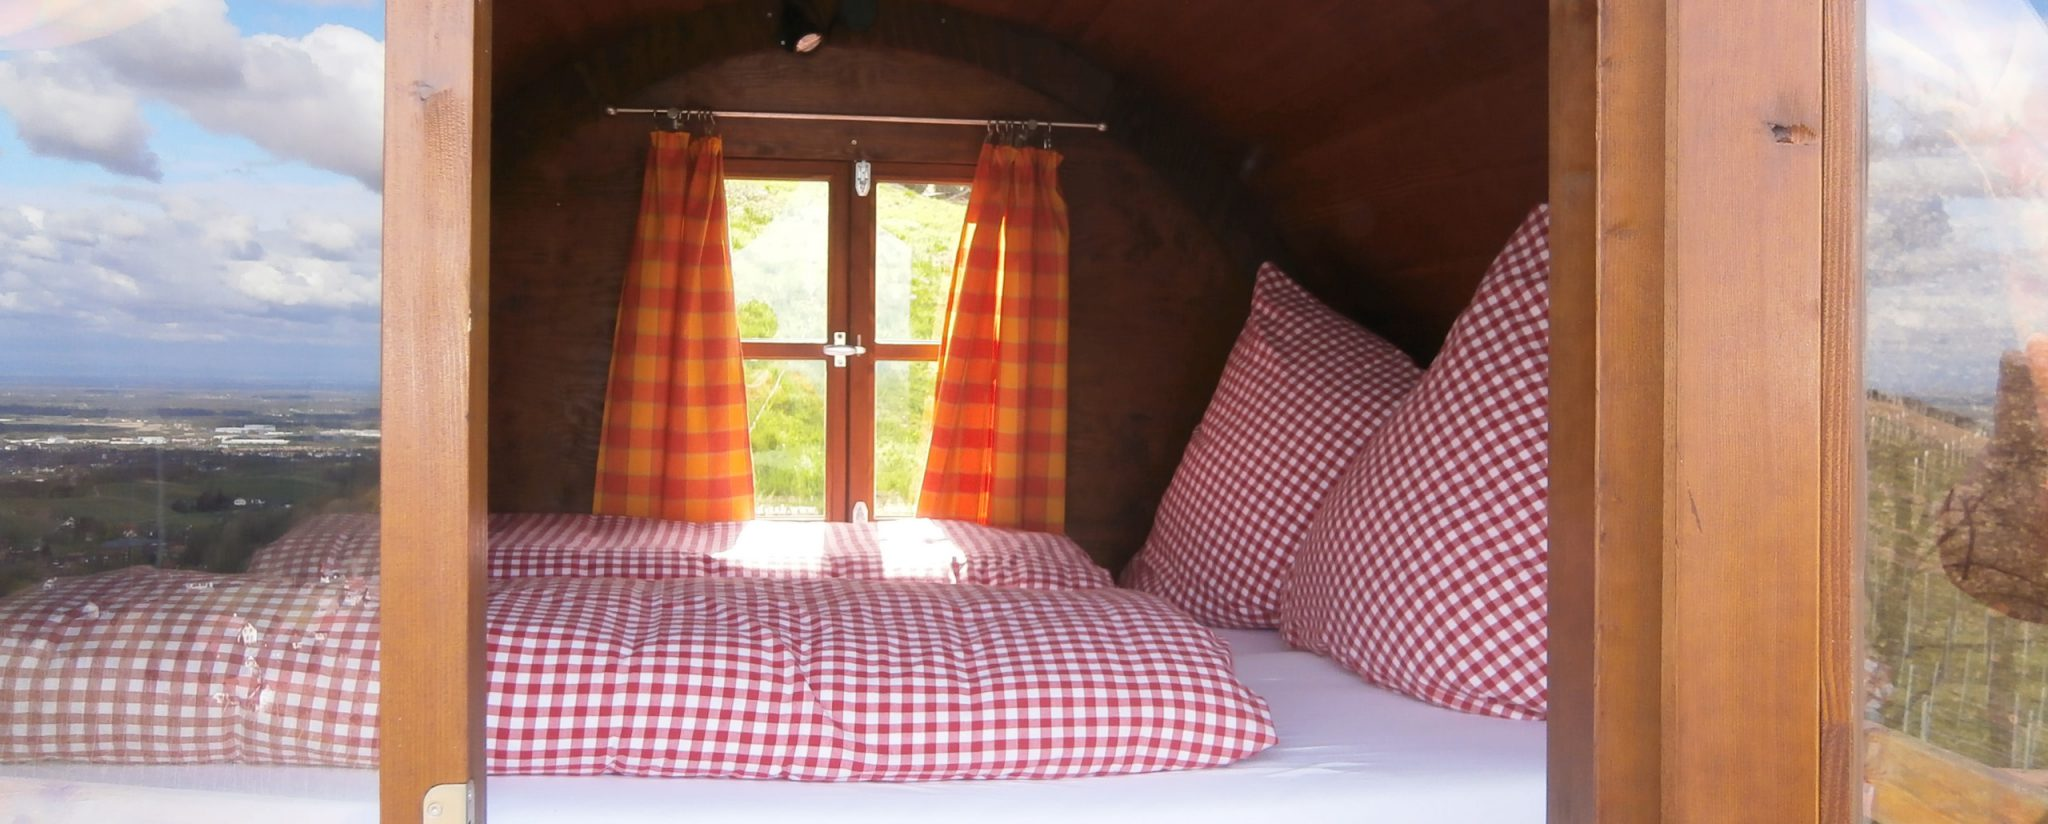 schlafen im weinfass sasbachwalden schwarzwald erlebnis. Black Bedroom Furniture Sets. Home Design Ideas